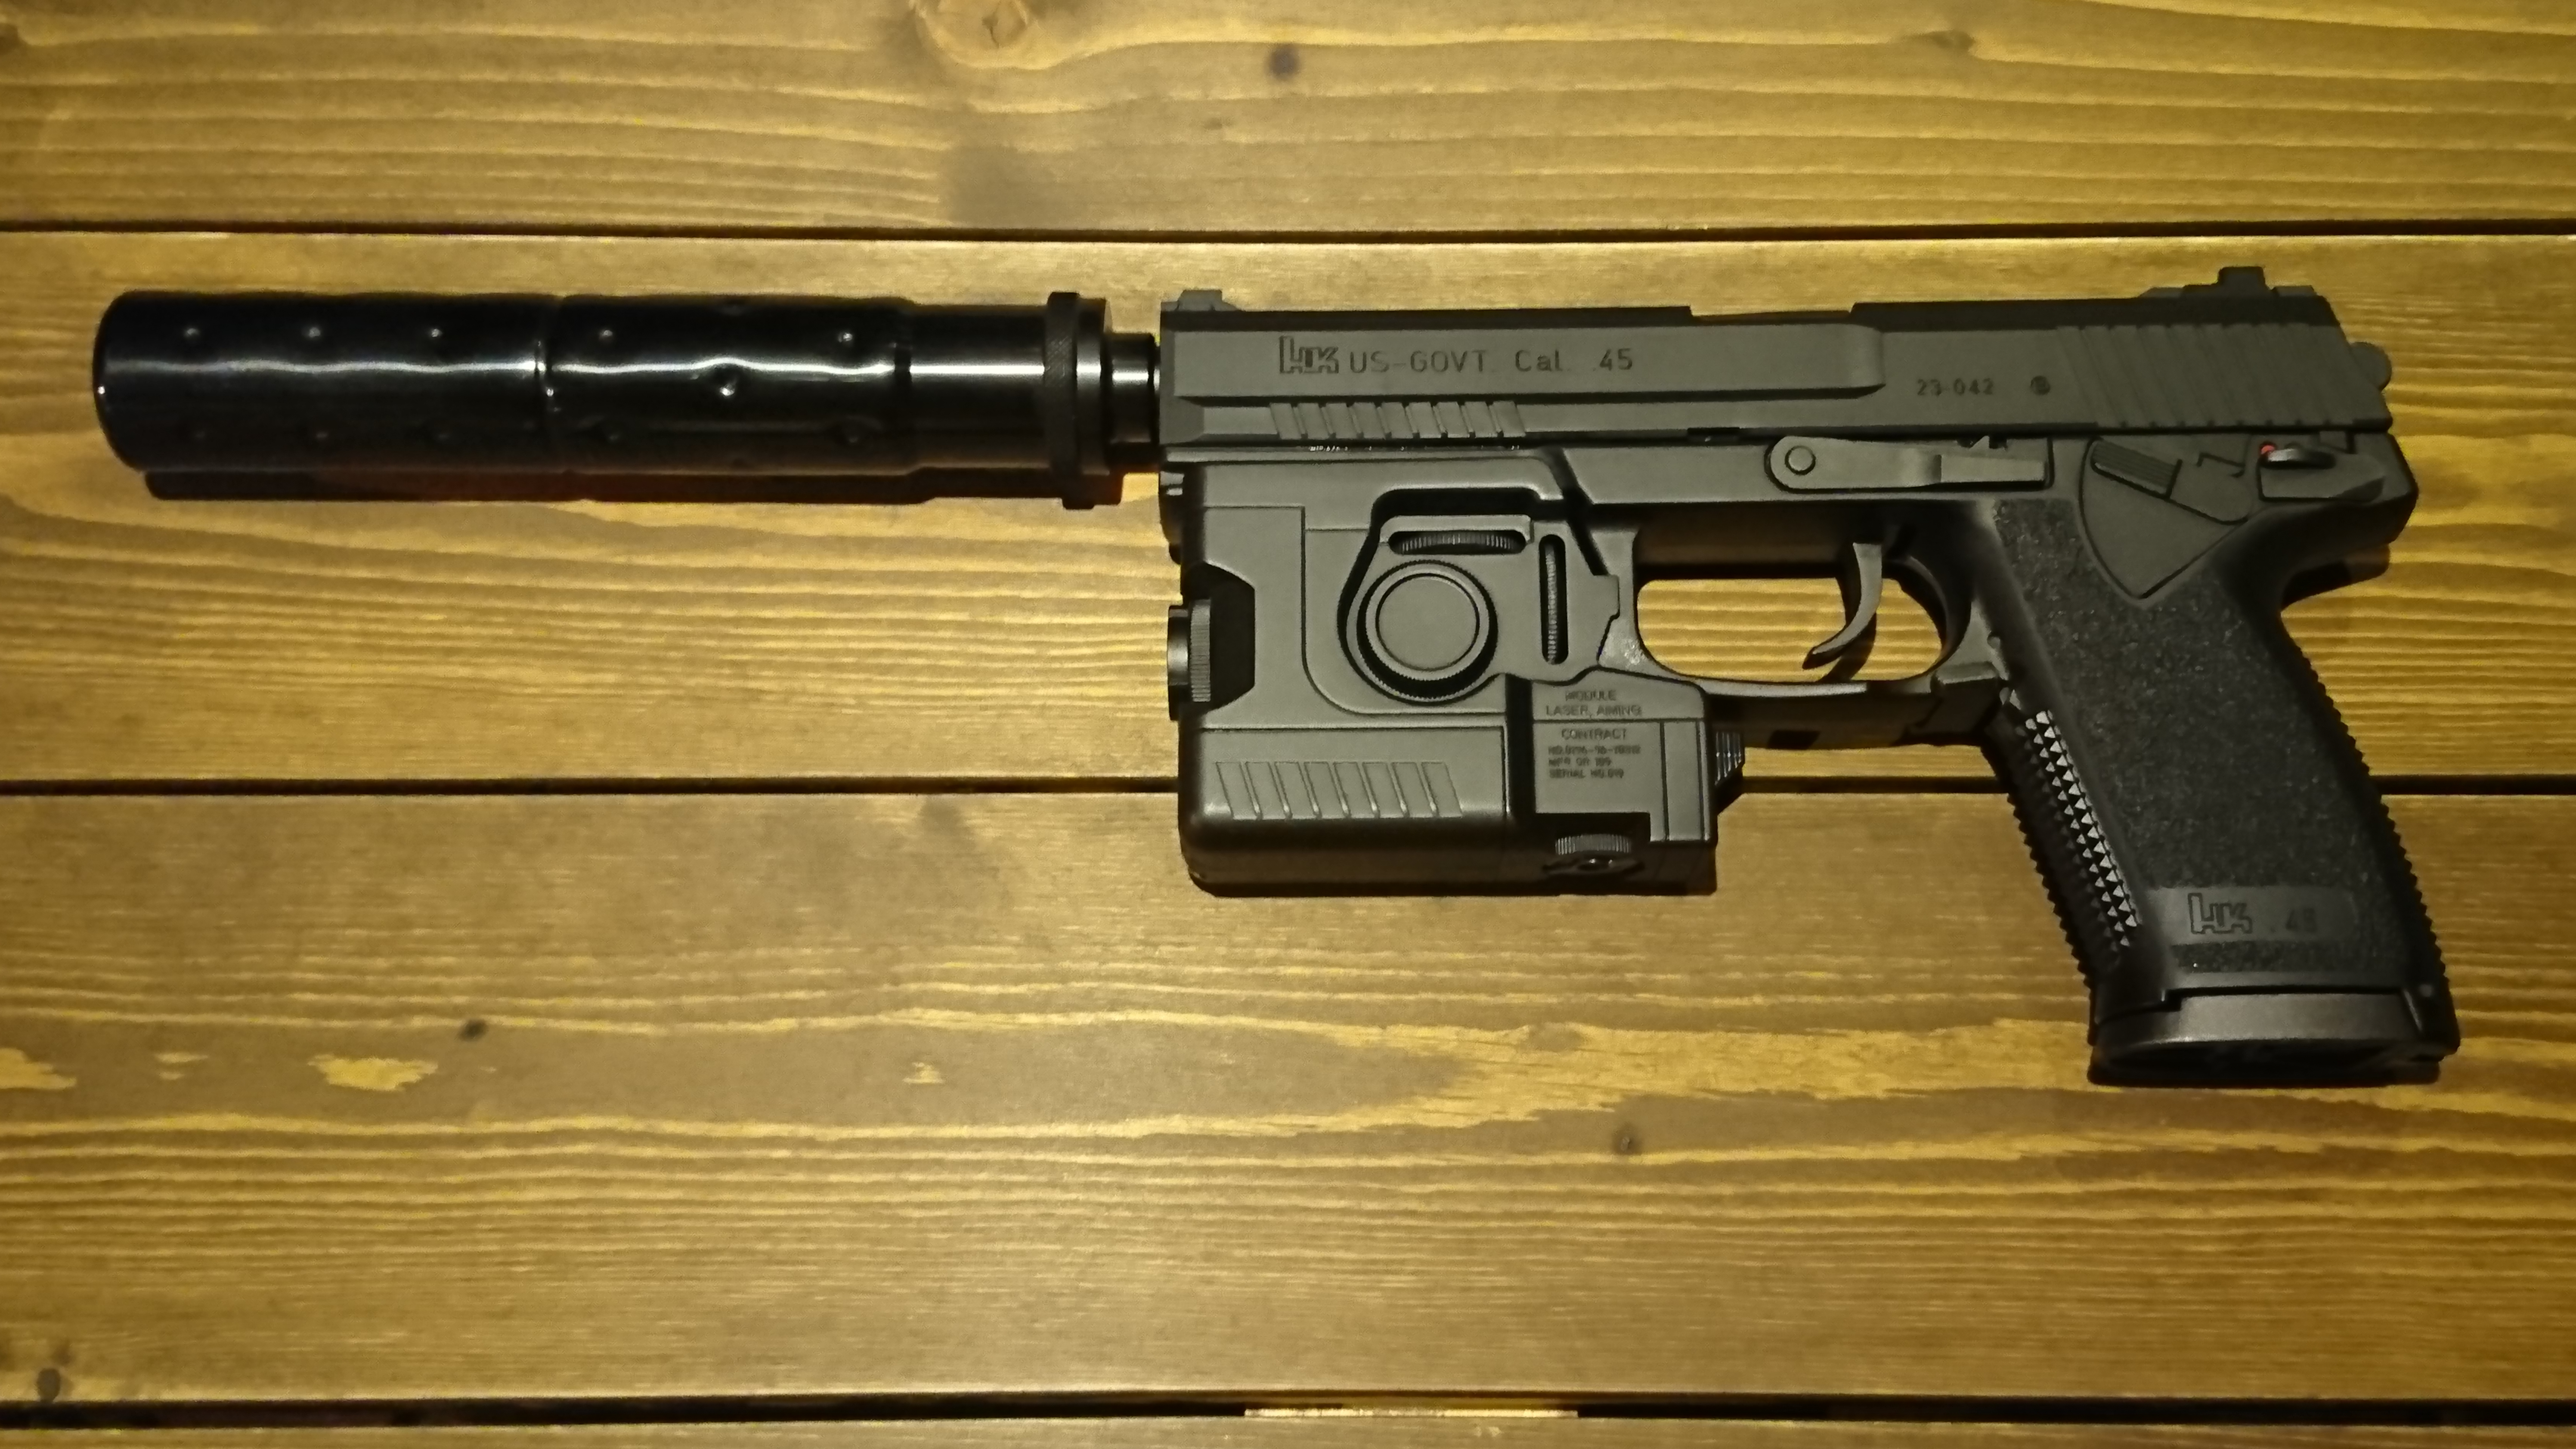 SOCOM Mk23